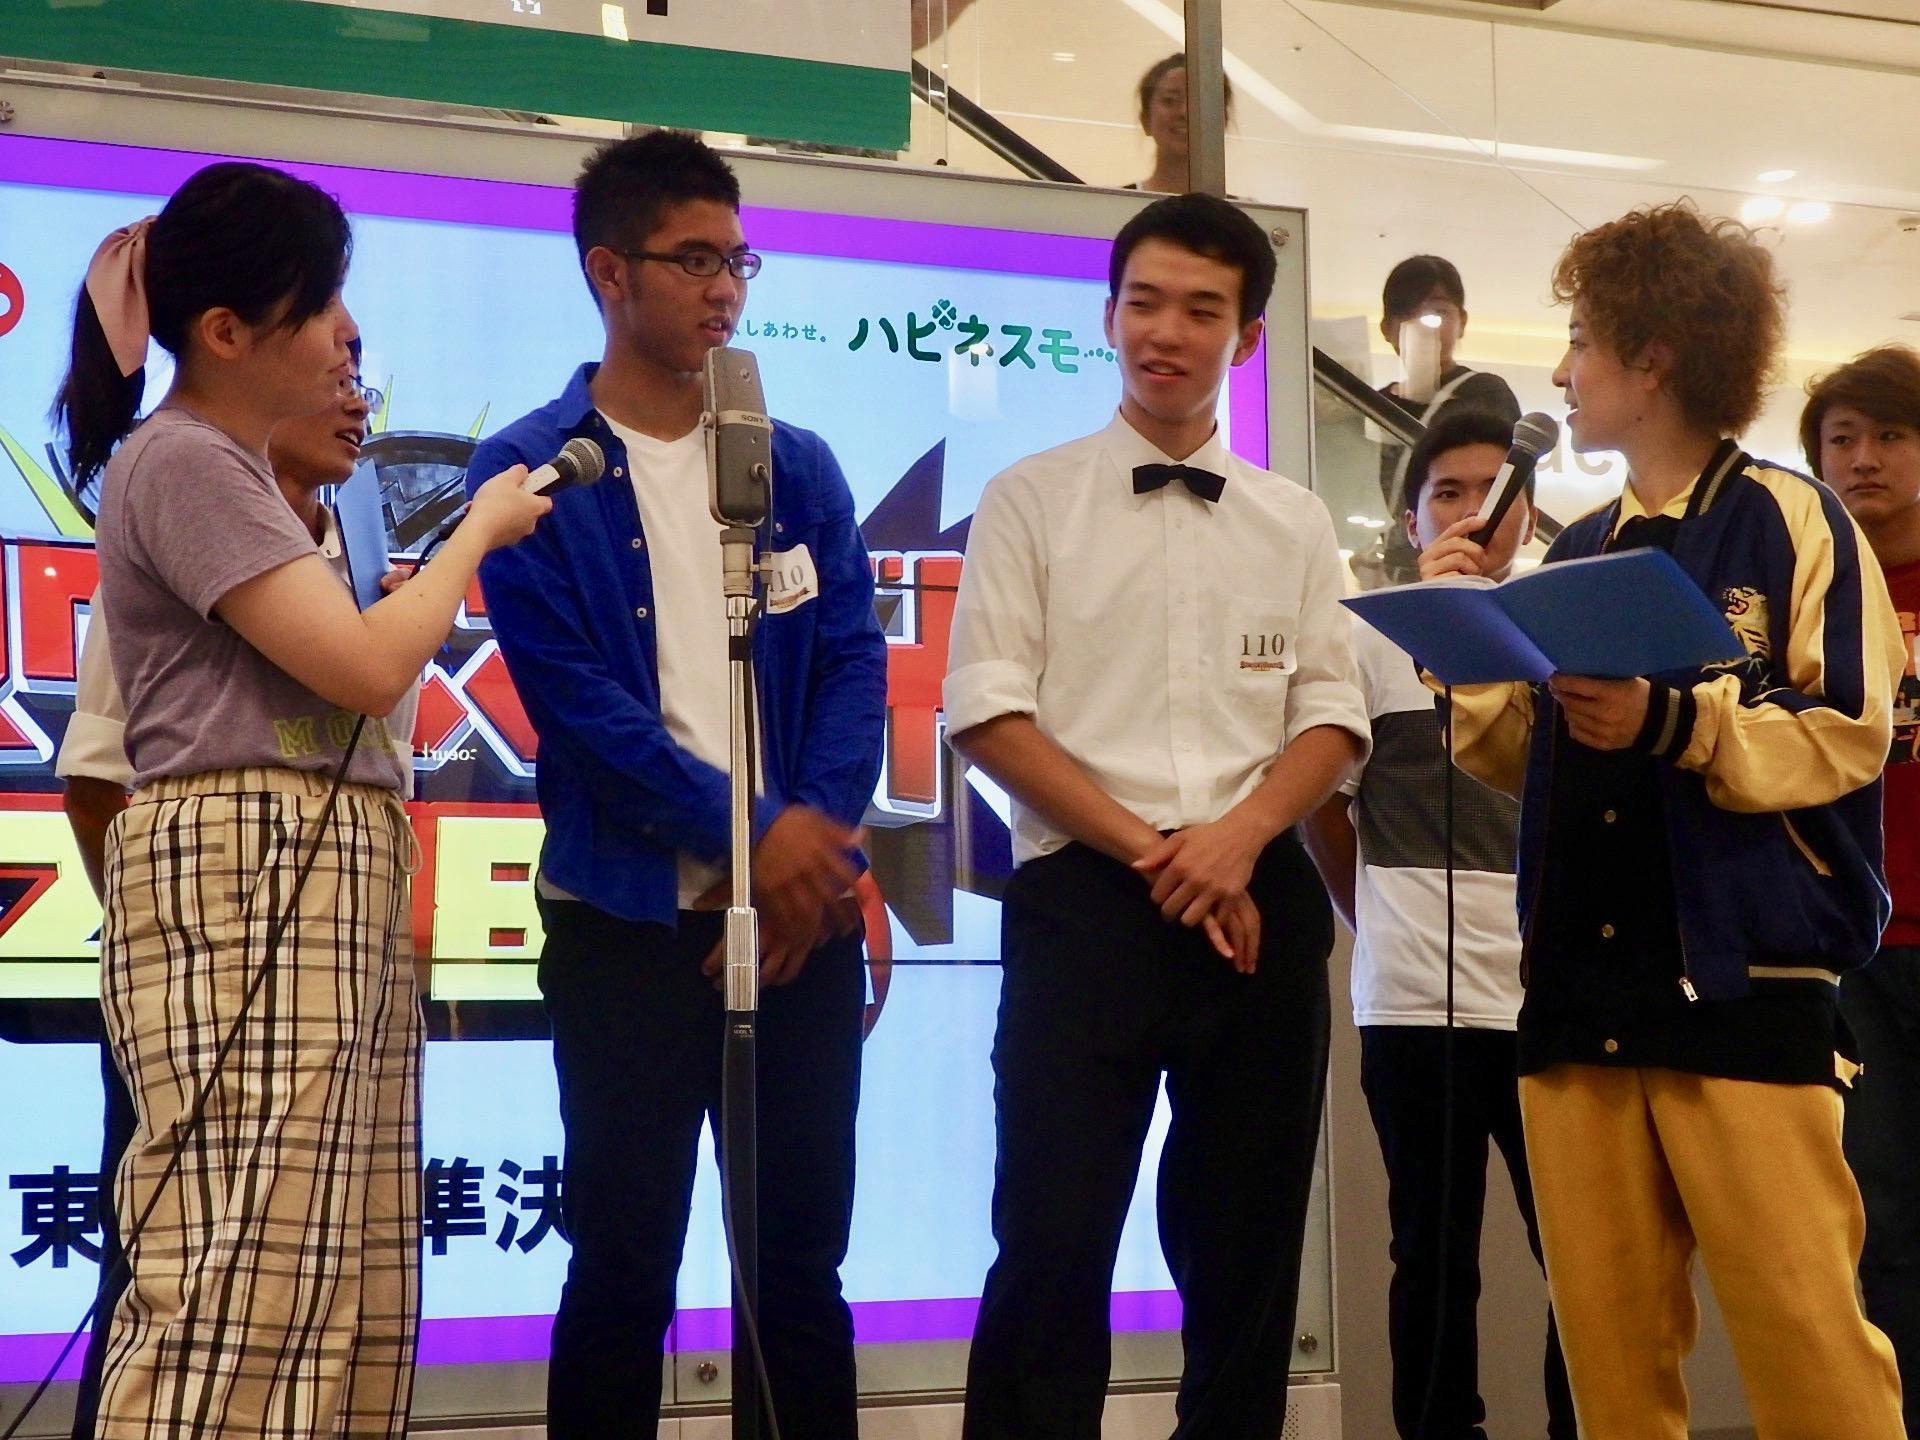 http://news.yoshimoto.co.jp/20180901154646-0ec0d1f041e29e44e1043ee13accf2398483ca86.jpg